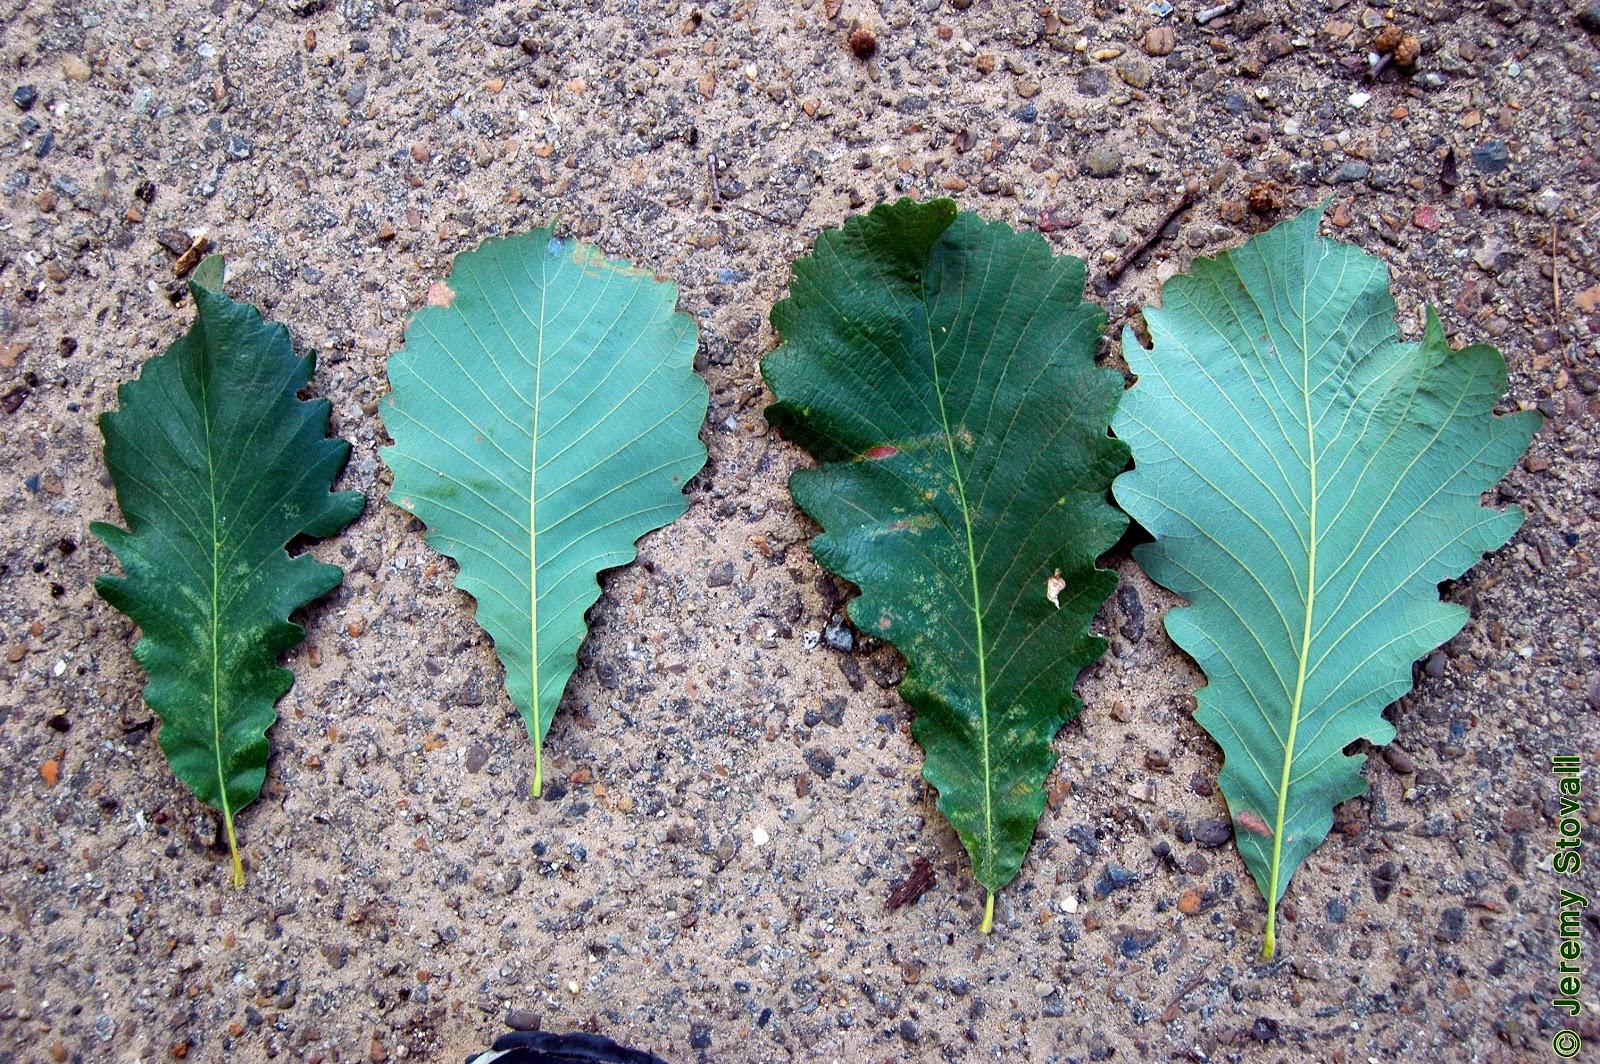 Quercus Laurifolia Leaf Arboriculture 3220: Ta...